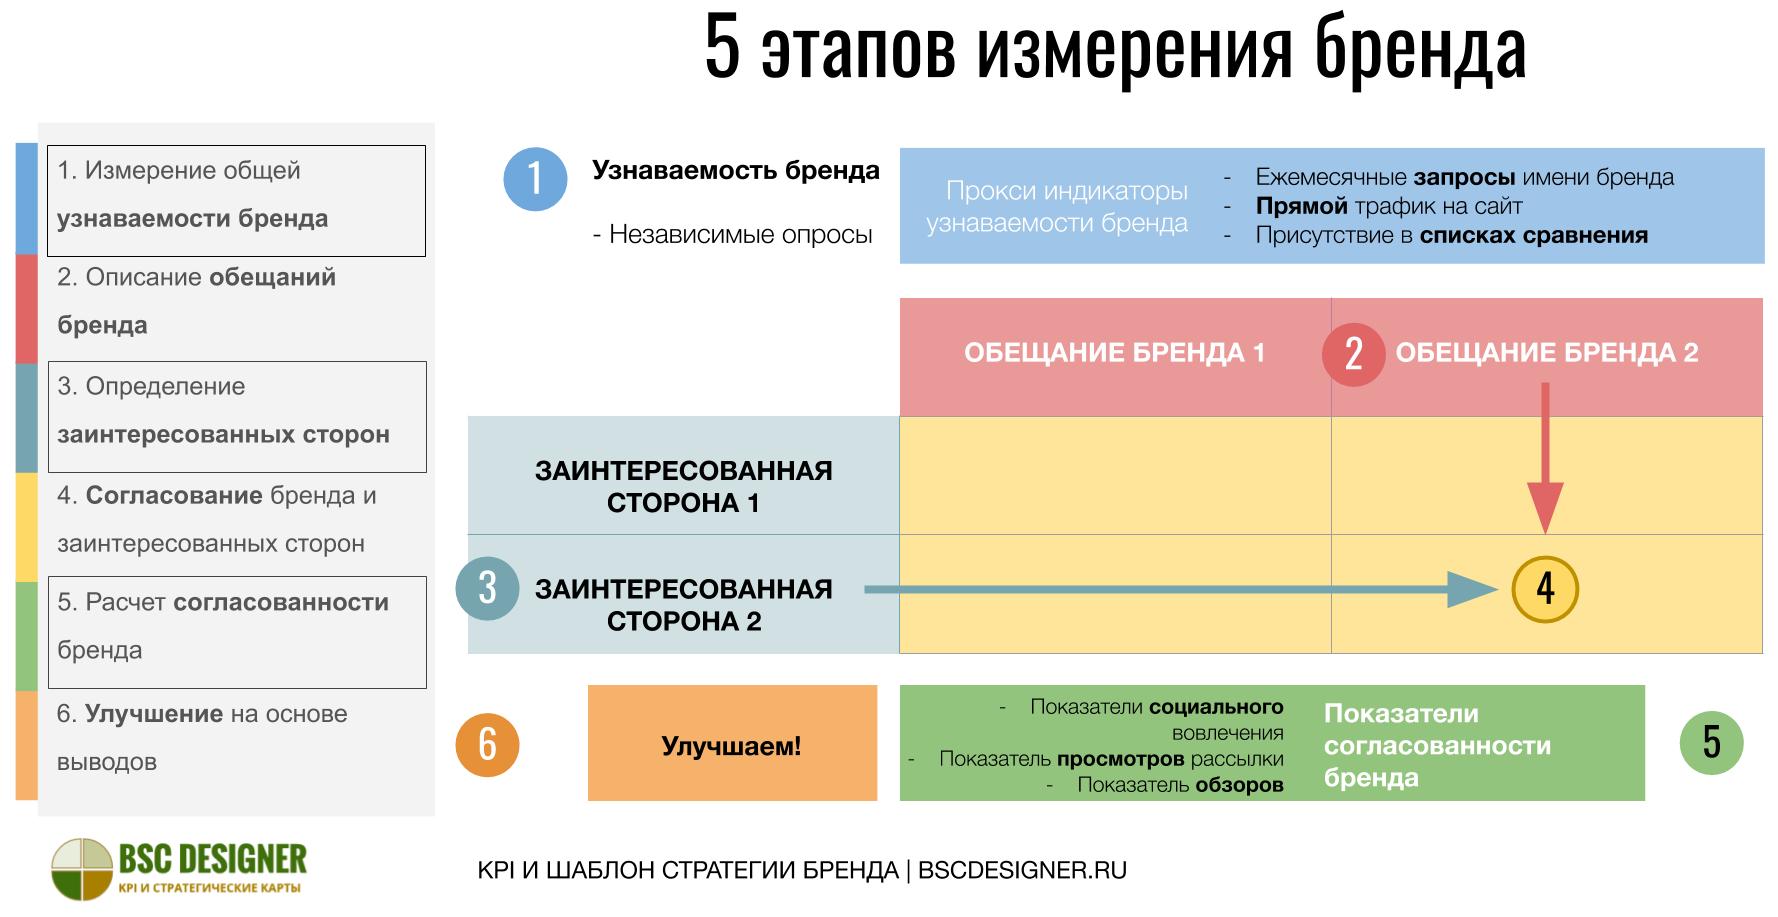 5 этапов измерения бренда для малого и среднего бизнеса